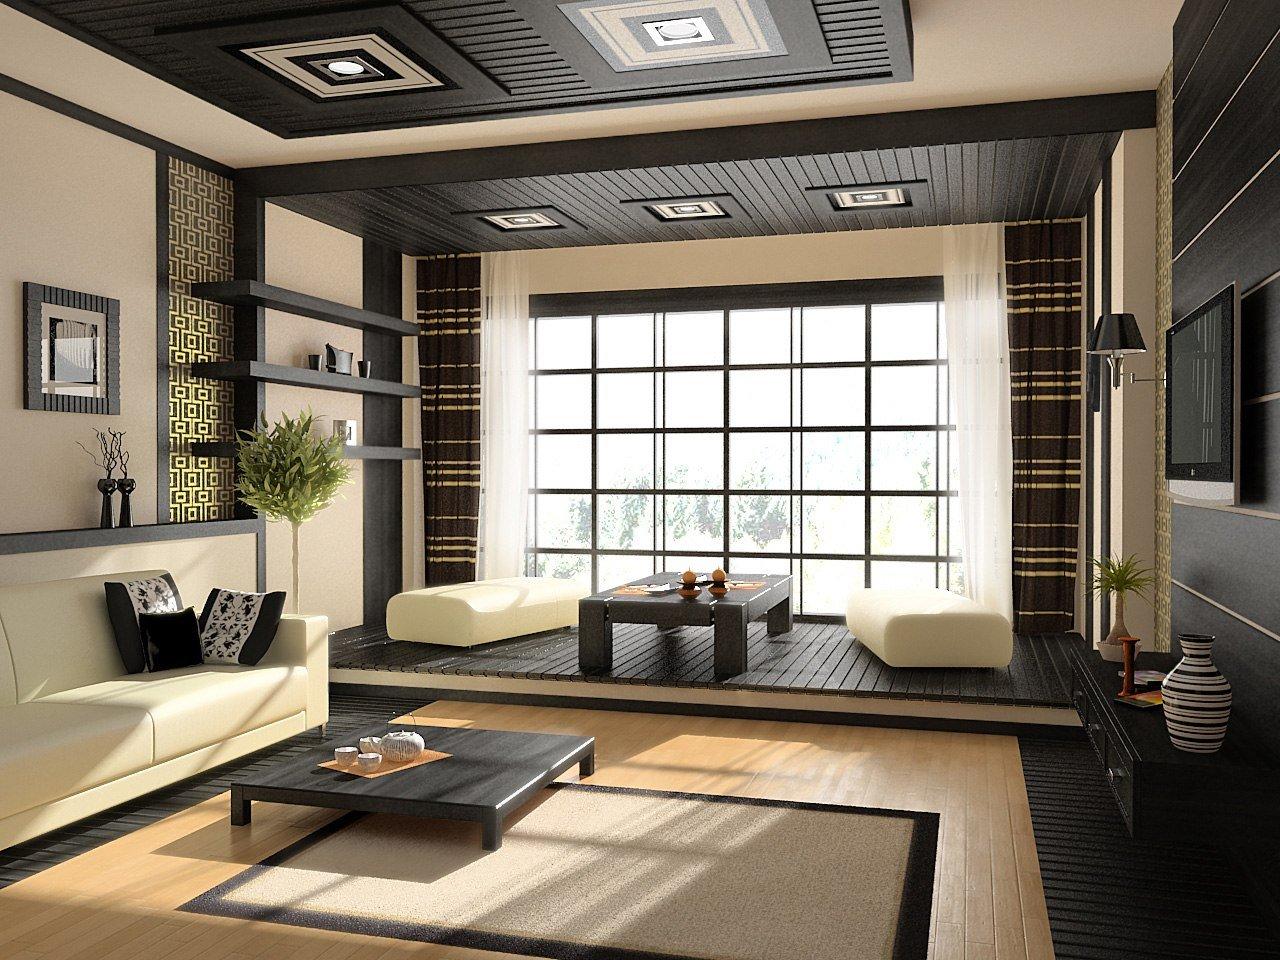 картинки фото дизайна квартиры что ряде случаев